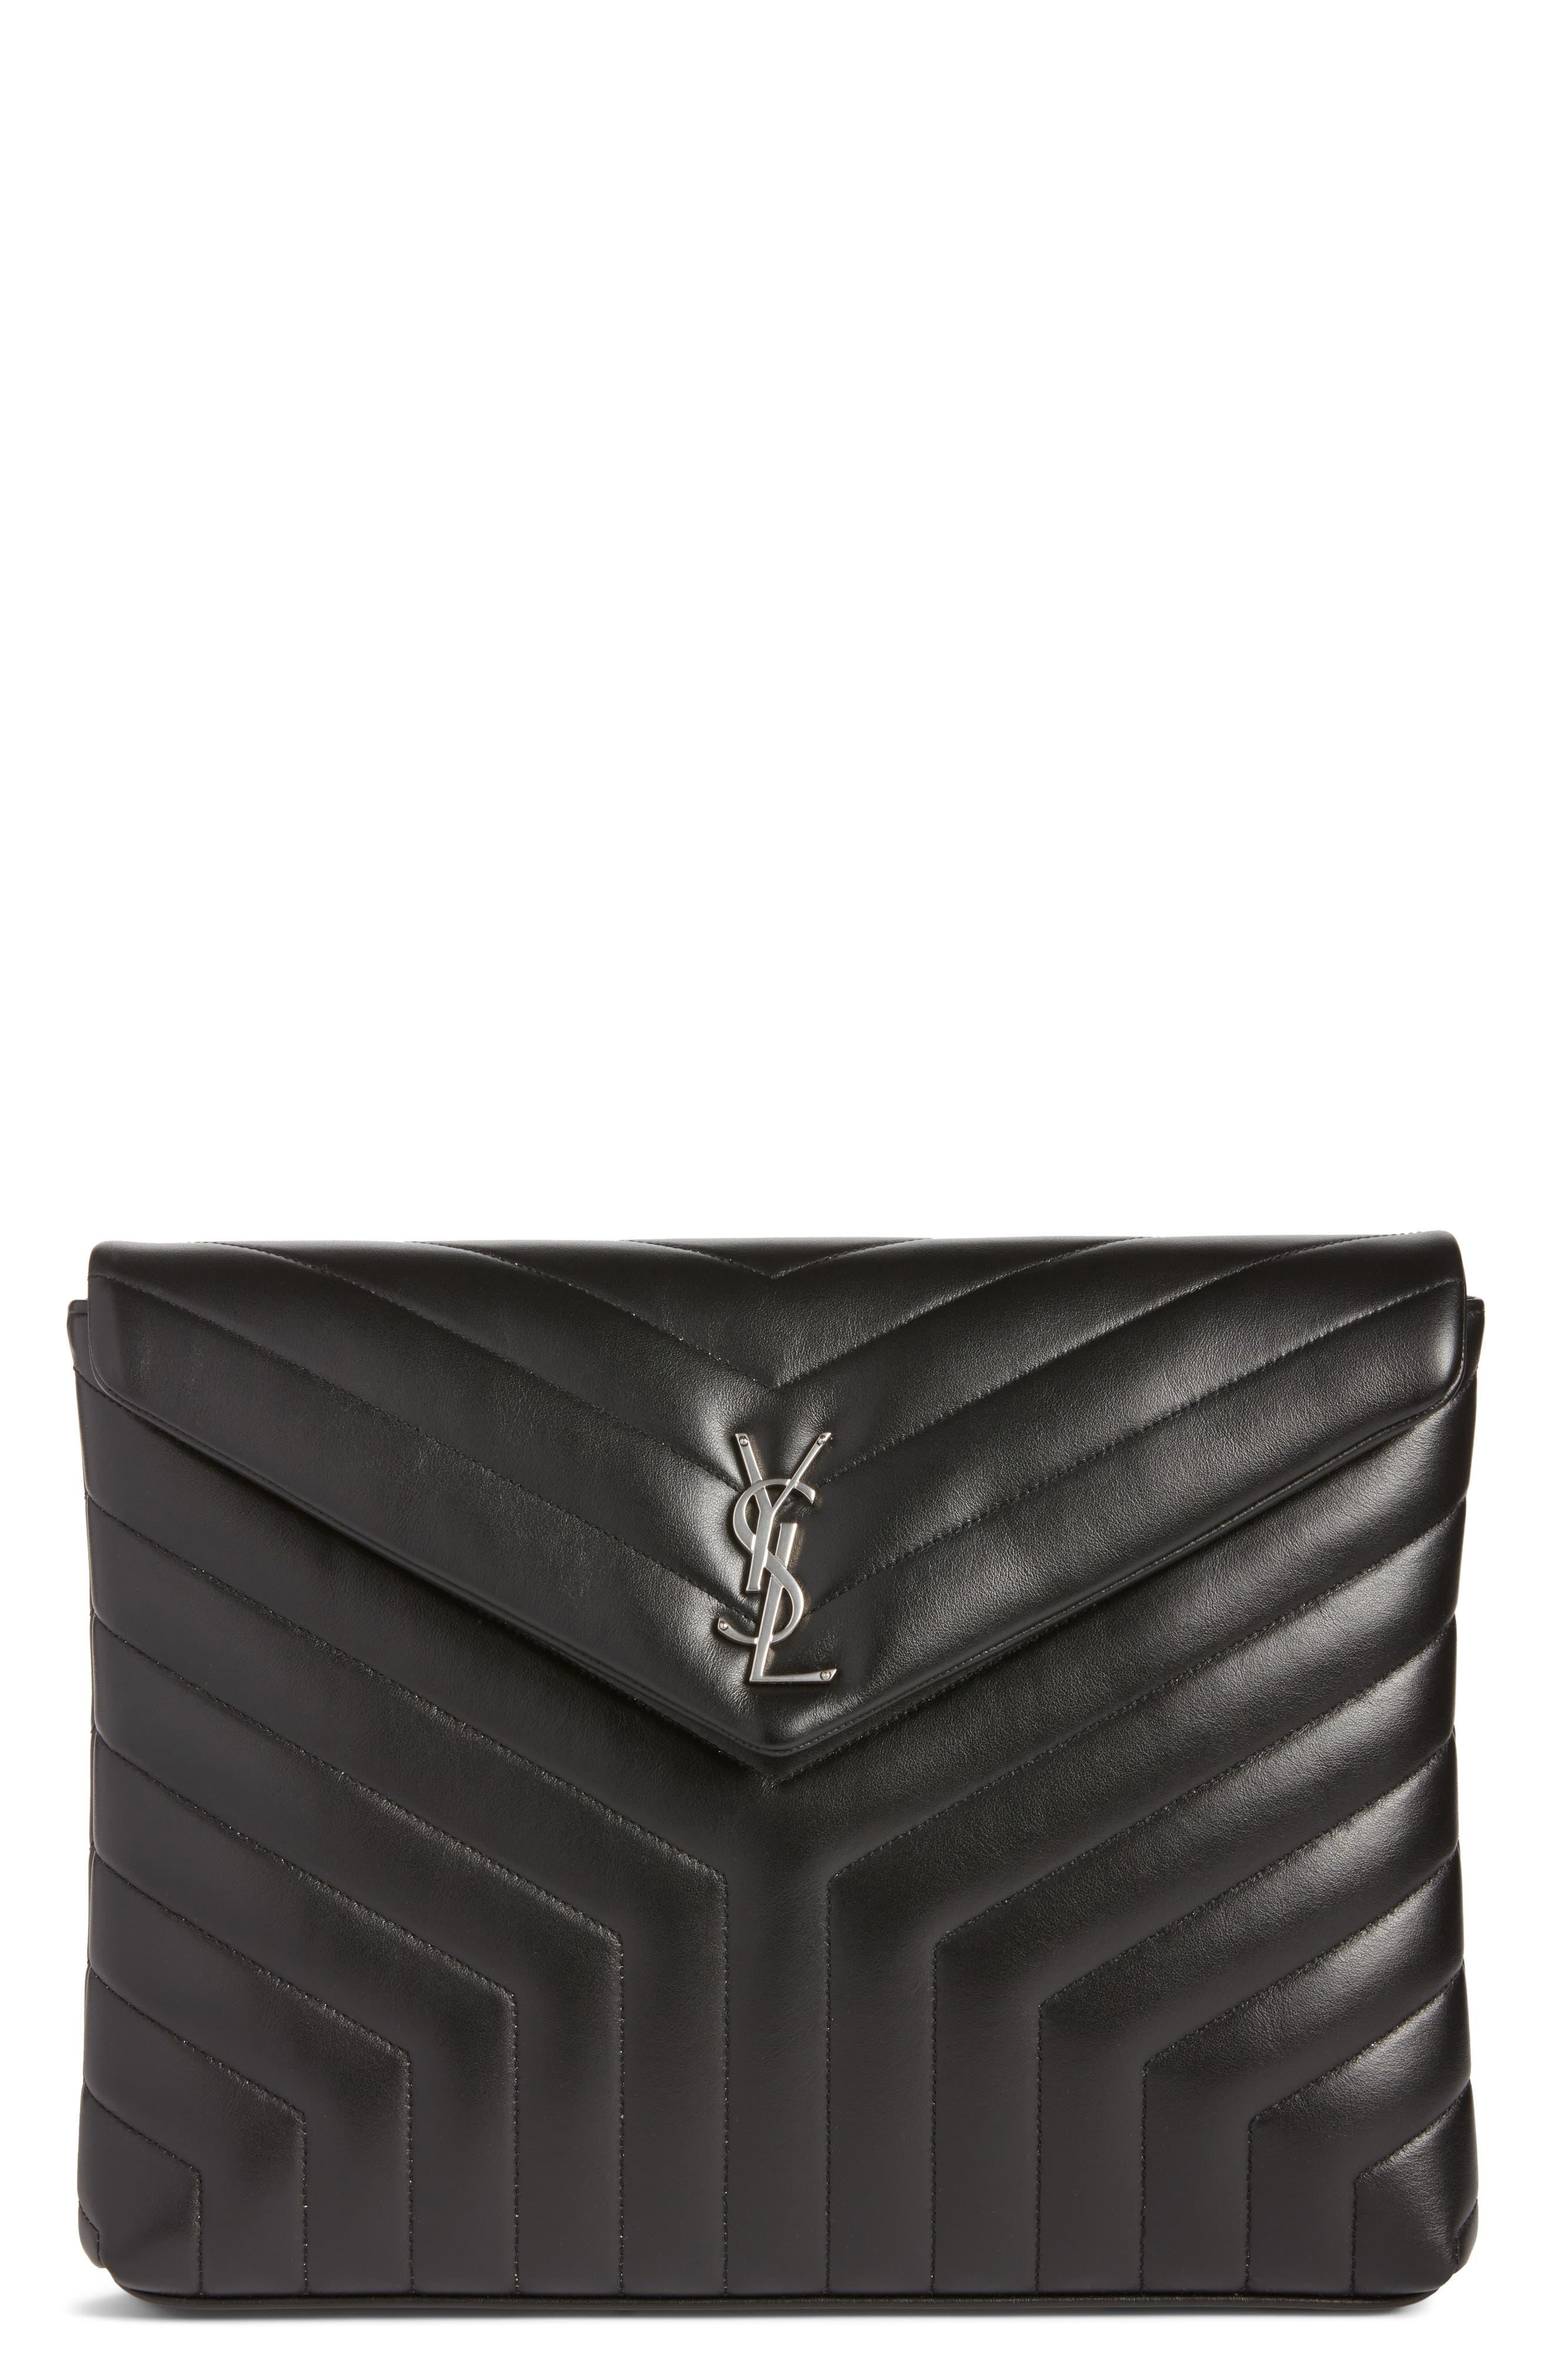 Large Loulou Matelassé Leather Pouch,                             Main thumbnail 1, color,                             001